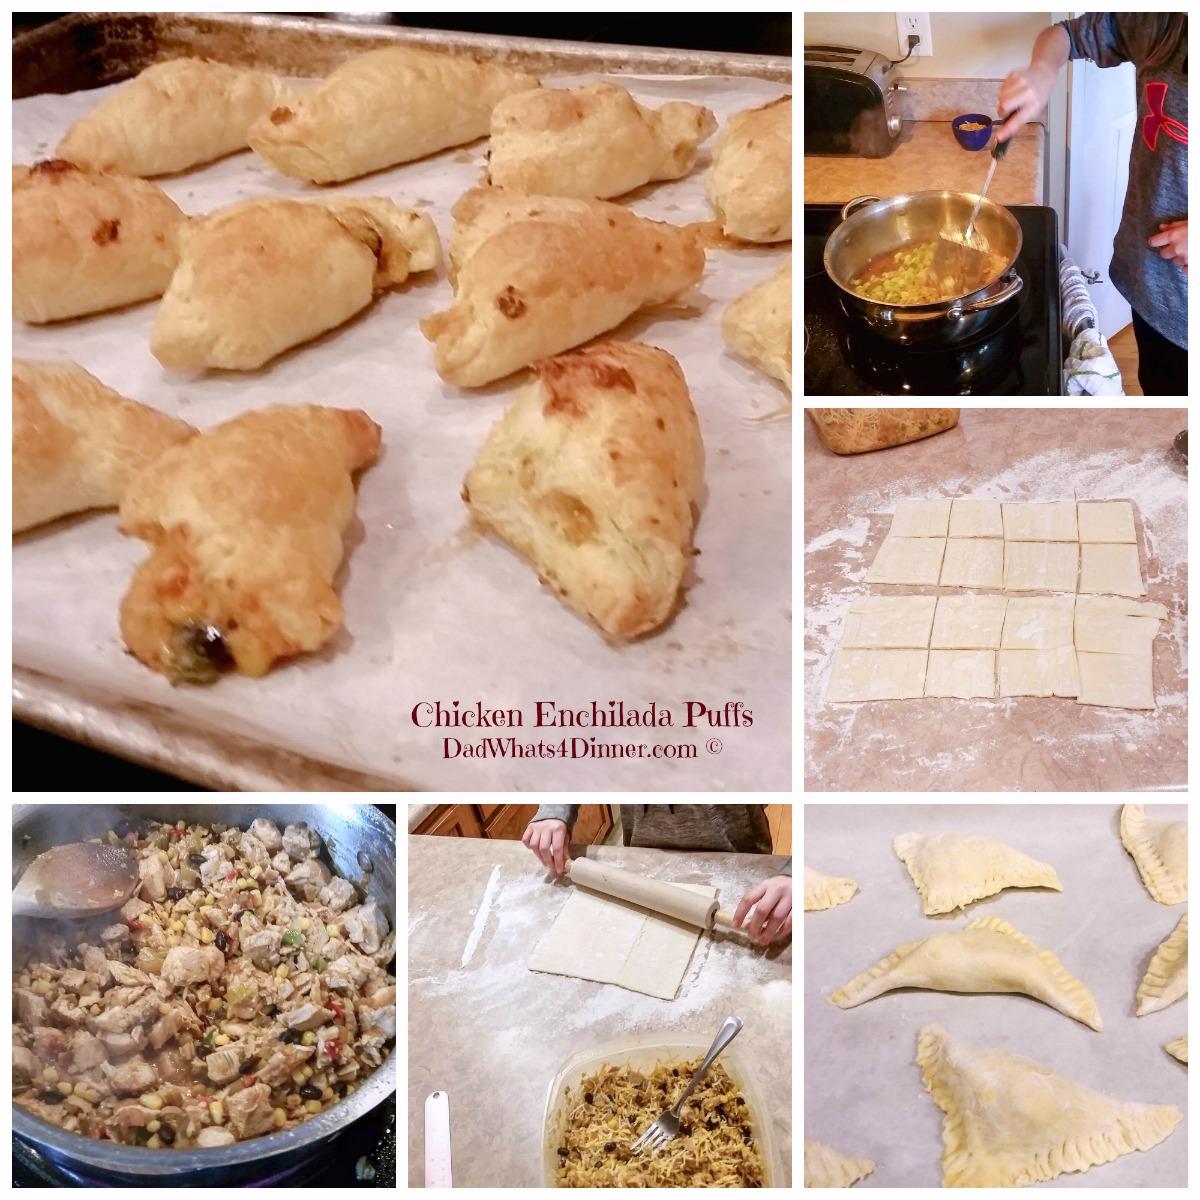 Chicken Enchilada Puffs | http://dadwhats4dinner.com